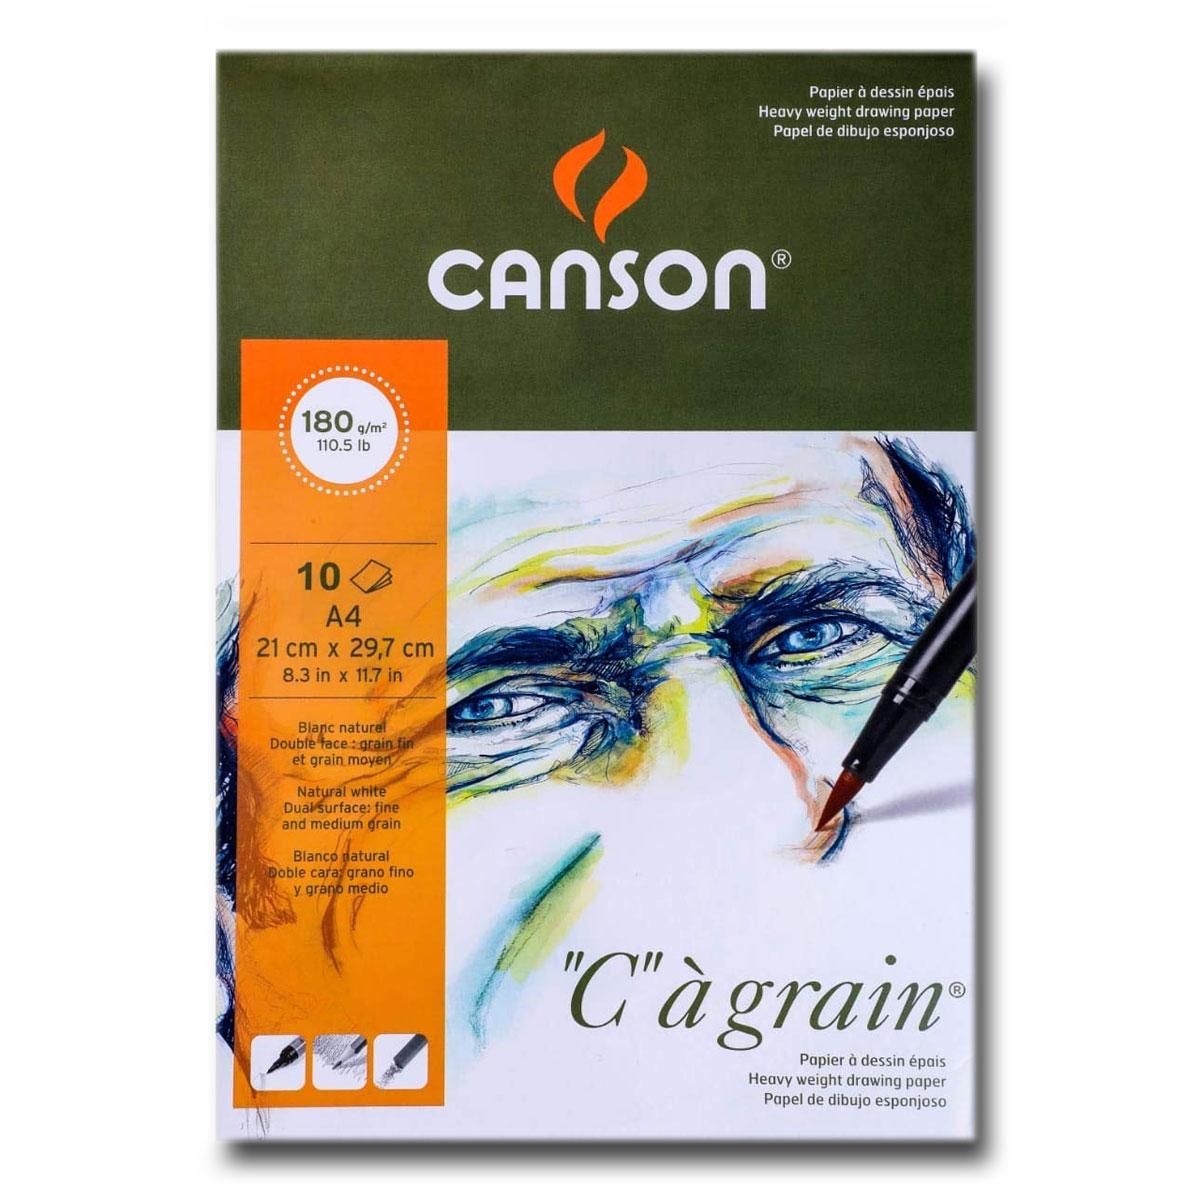 Canson C-A Grain 224gsm A4 10 Sheet